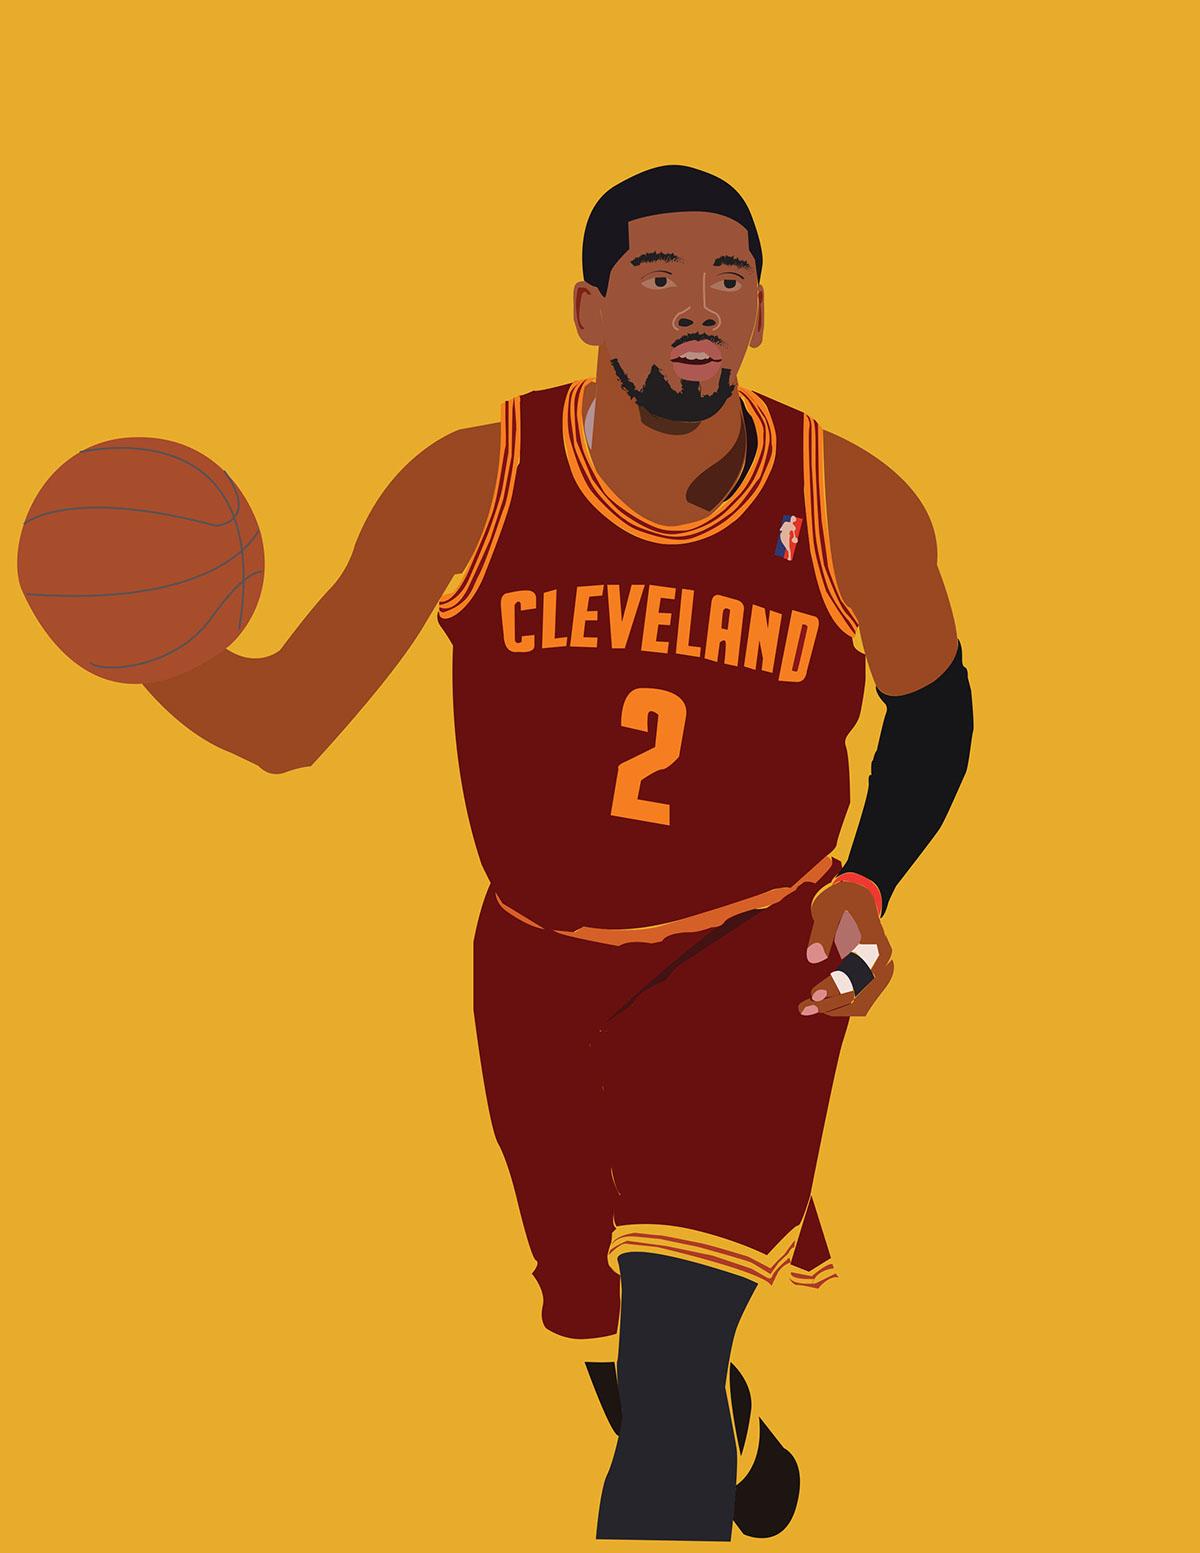 Kobe Bryant Animated Wallpaper Kyrie Irving Illustration On Behance